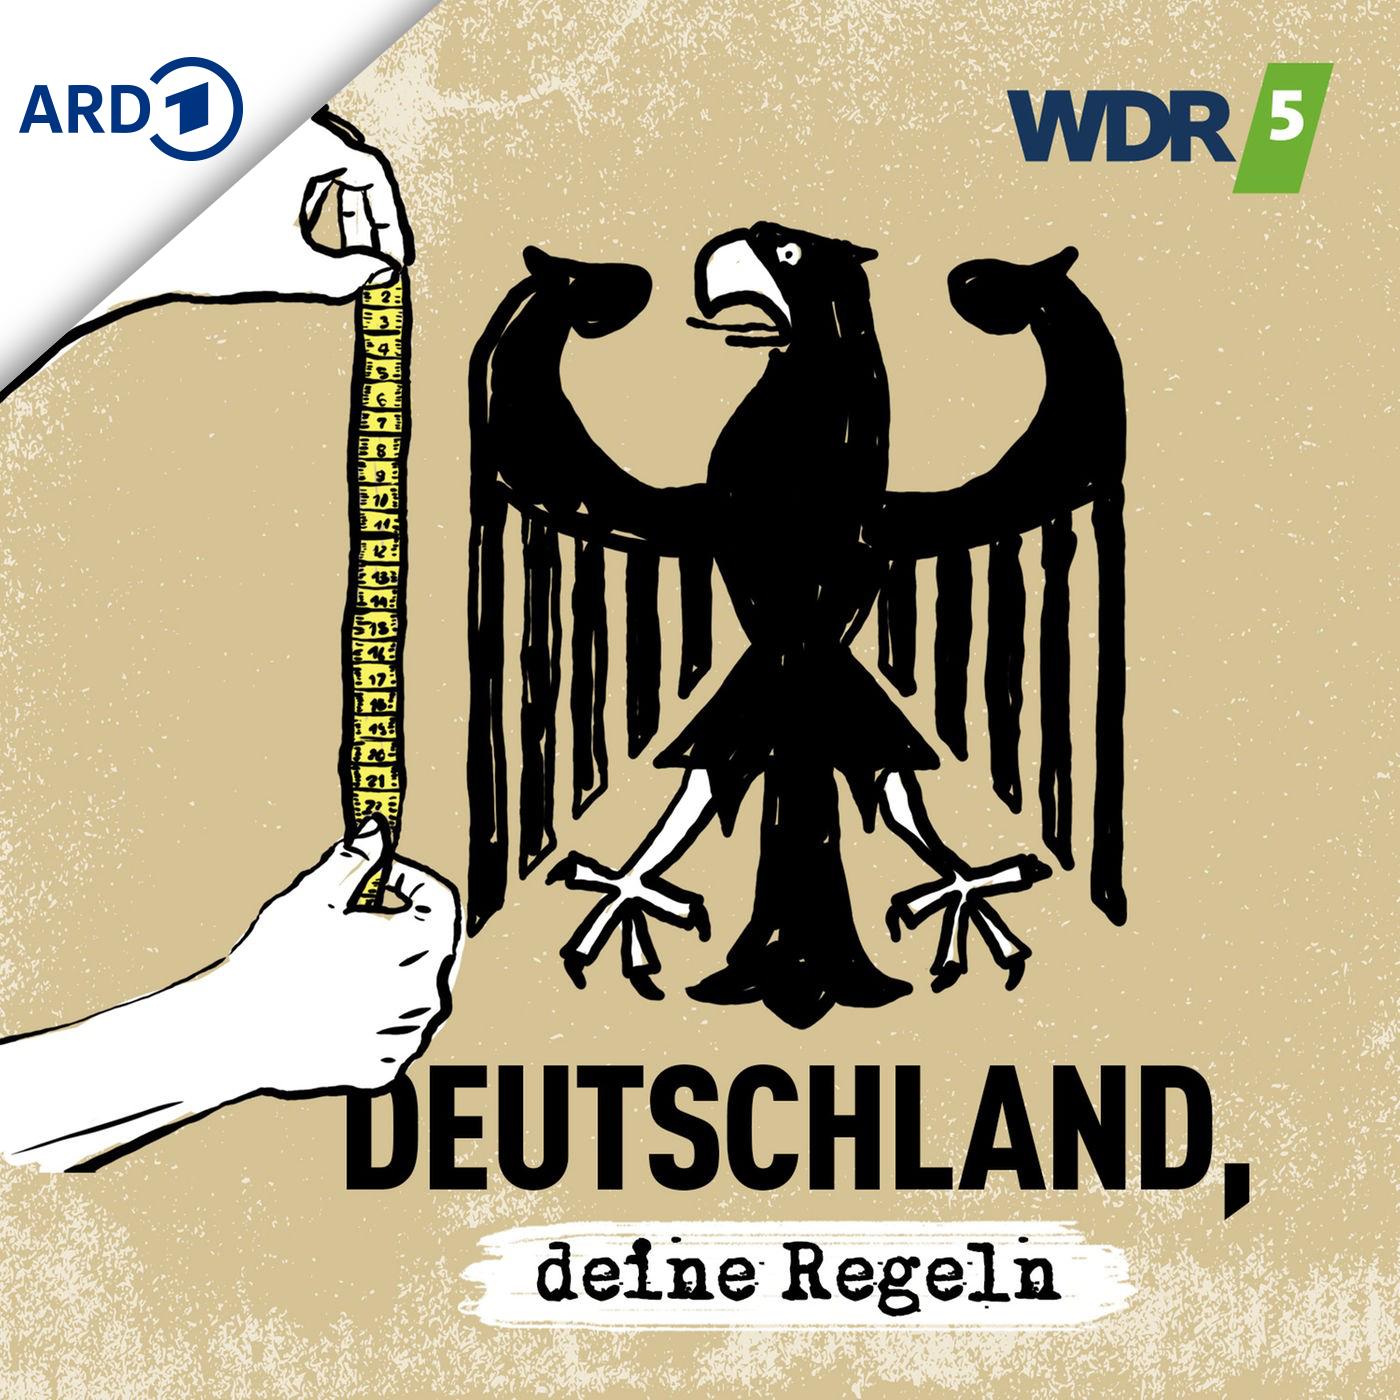 Deutschland, deine Regeln (8/8) - Immer mehr Bürokratie?